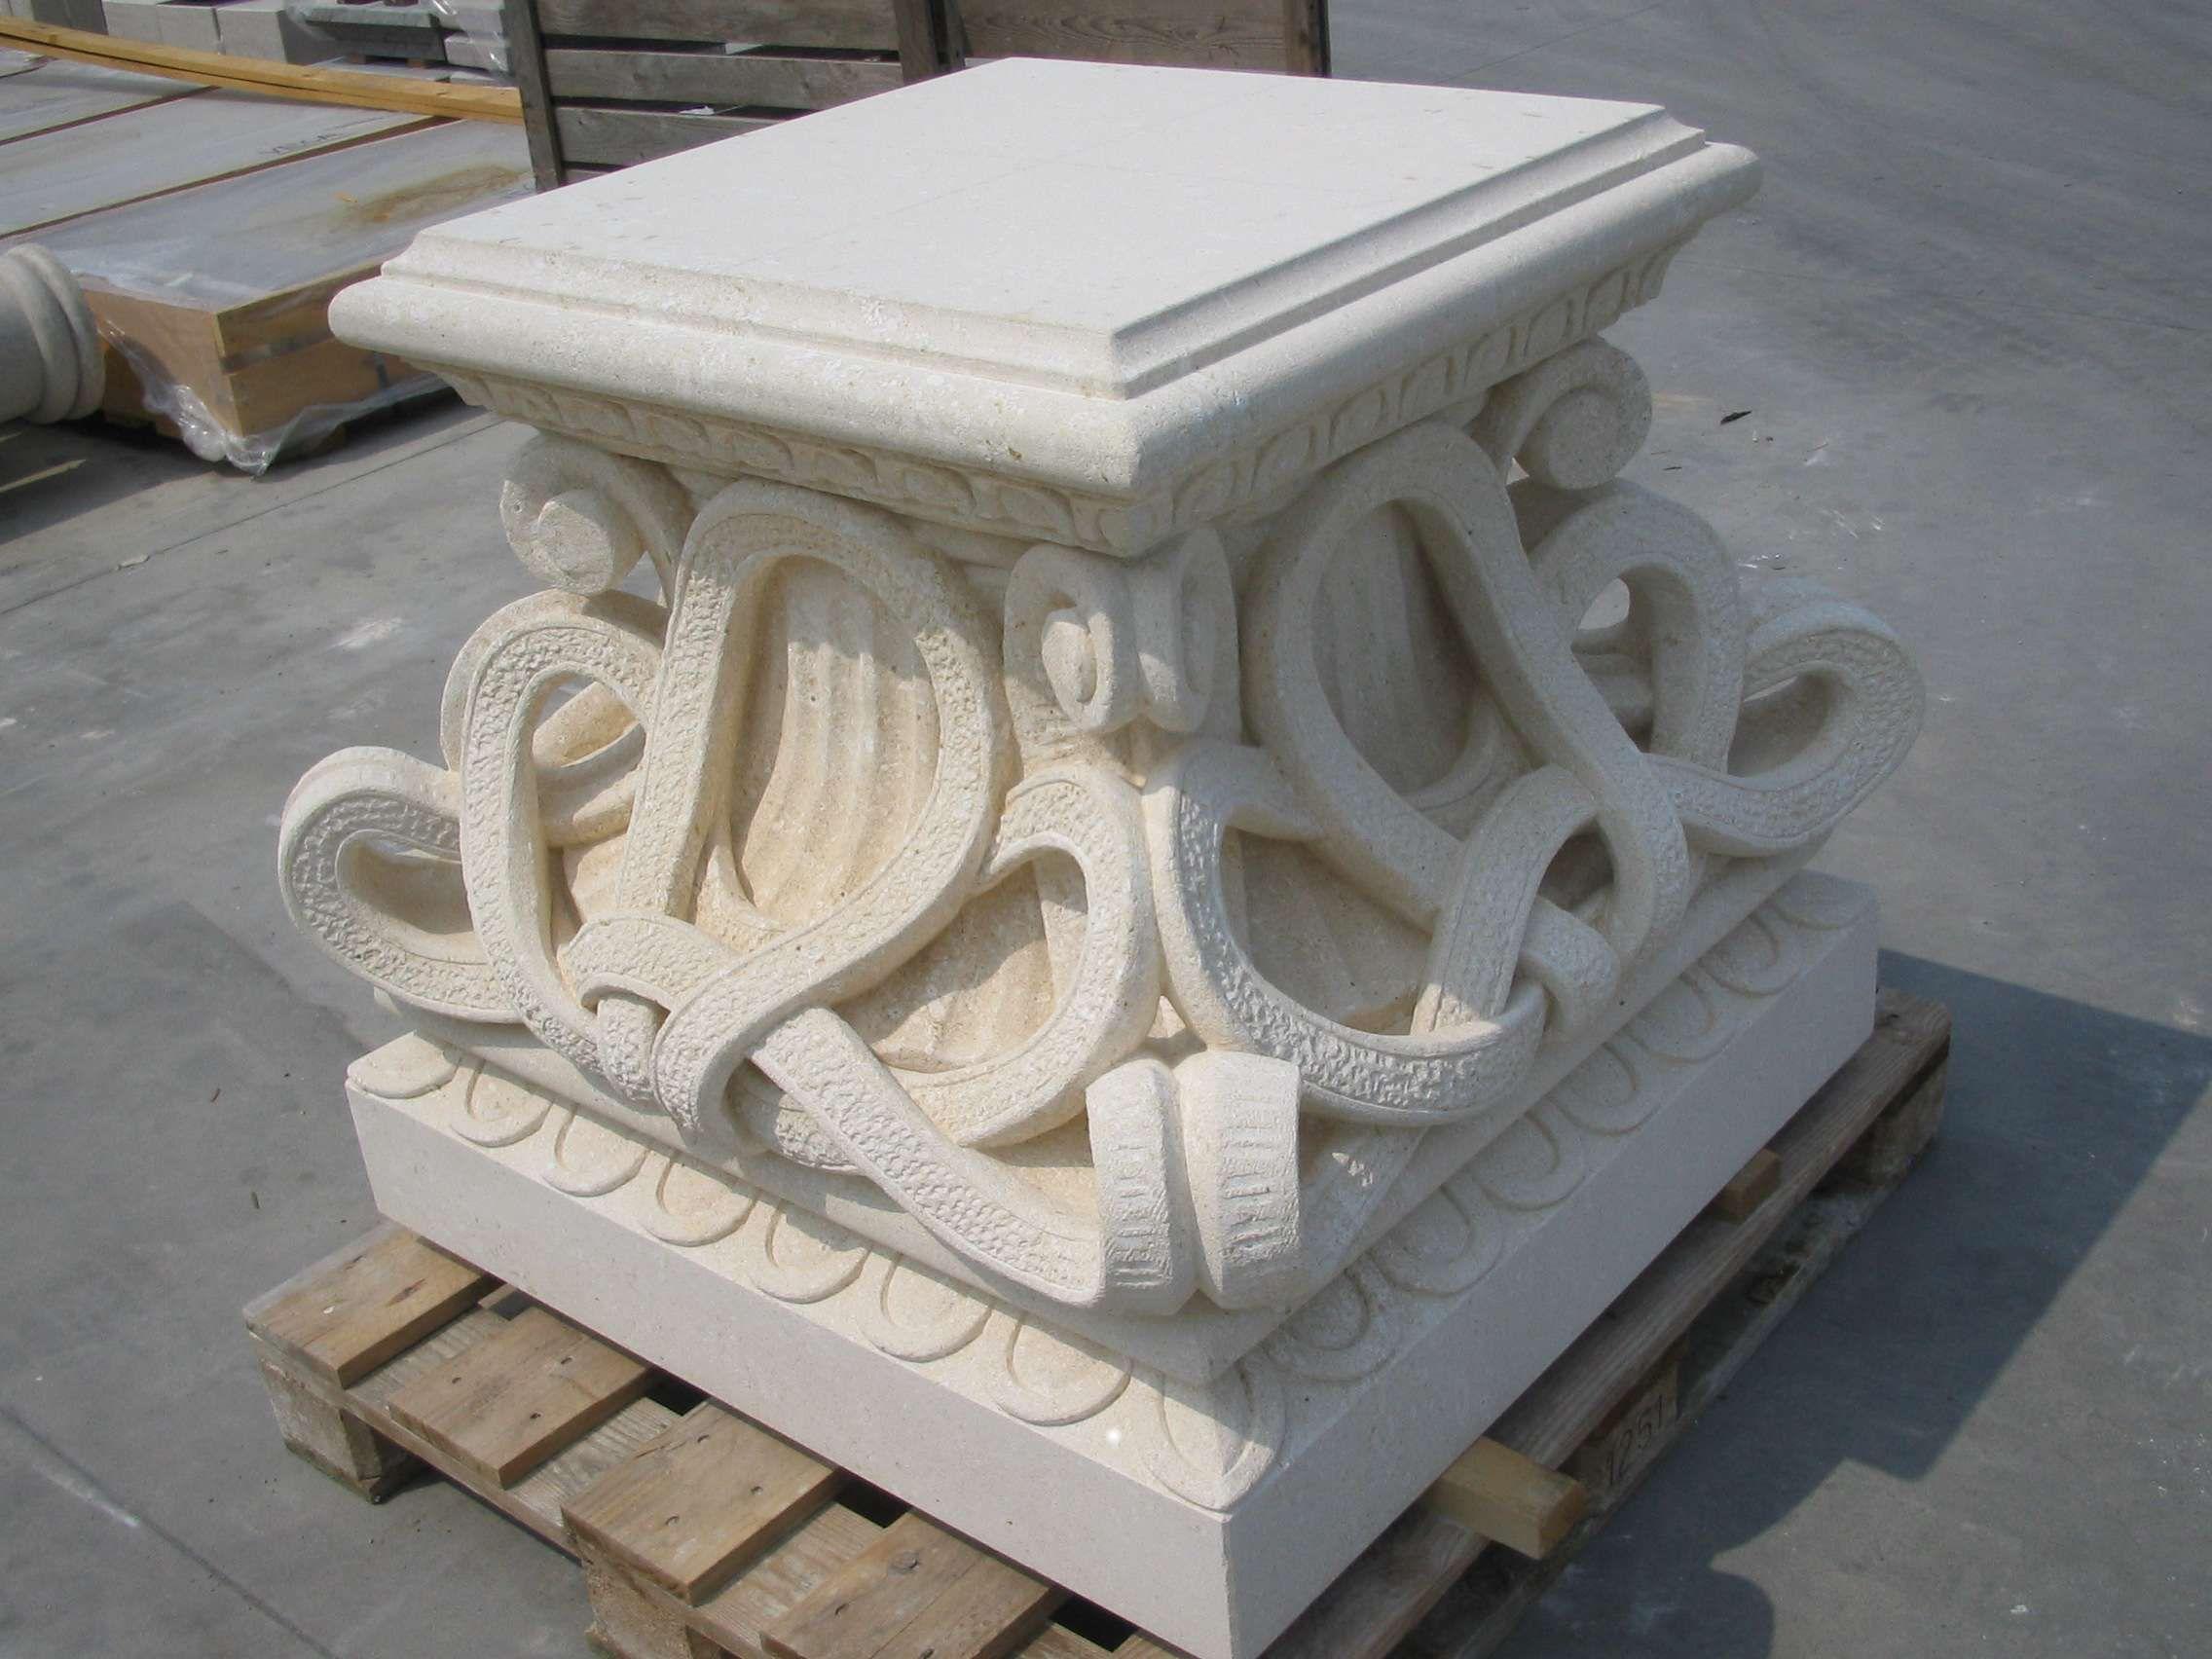 Basis aus Stein - http://www.achillegrassi.com/de/project/basamento-pietra/ - Dekorierte Basis aus weißem Stein von Vicenza Maße:  100cm x 100cm x 85cm (H)